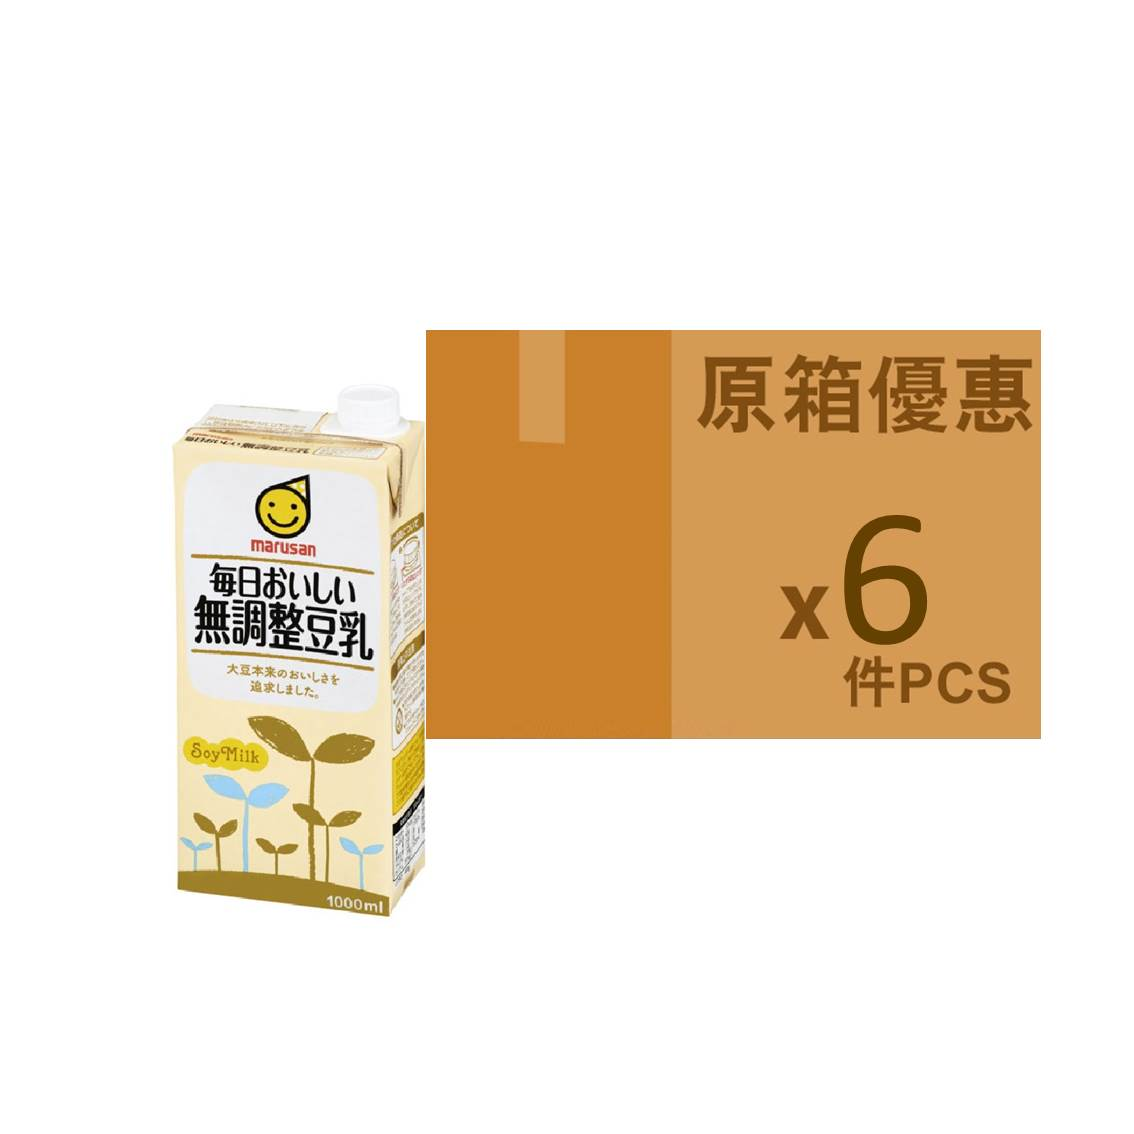 MARUSAN日版無調整豆乳 1L (原箱)